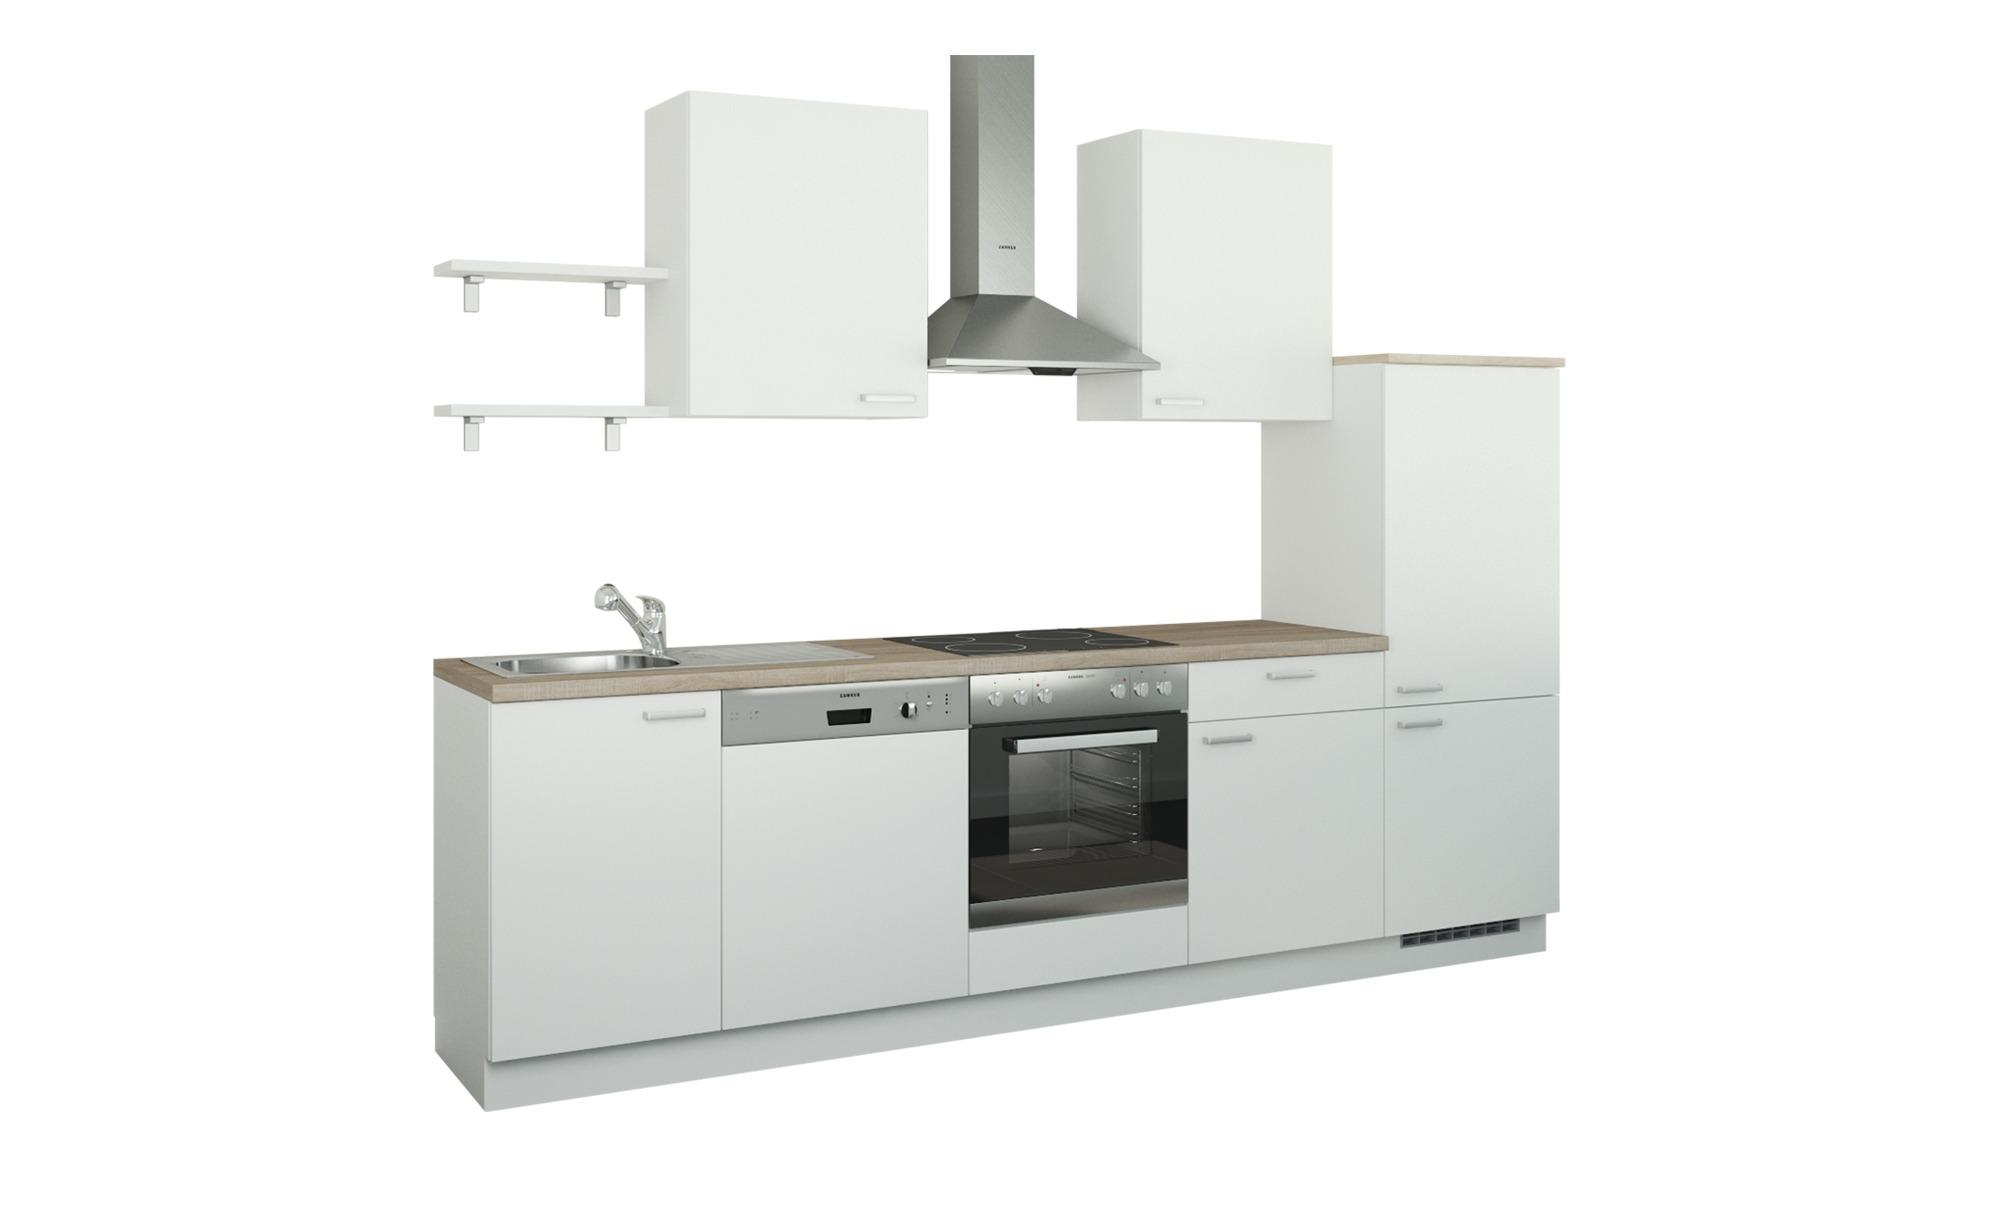 Küchenzeile ohne Elektrogeräte  Köln ¦ weiß ¦ Maße (cm): B: 290 Küchen > Küchenblöcke - Höffner | Küche und Esszimmer > Küchen | Möbel Höffner DE